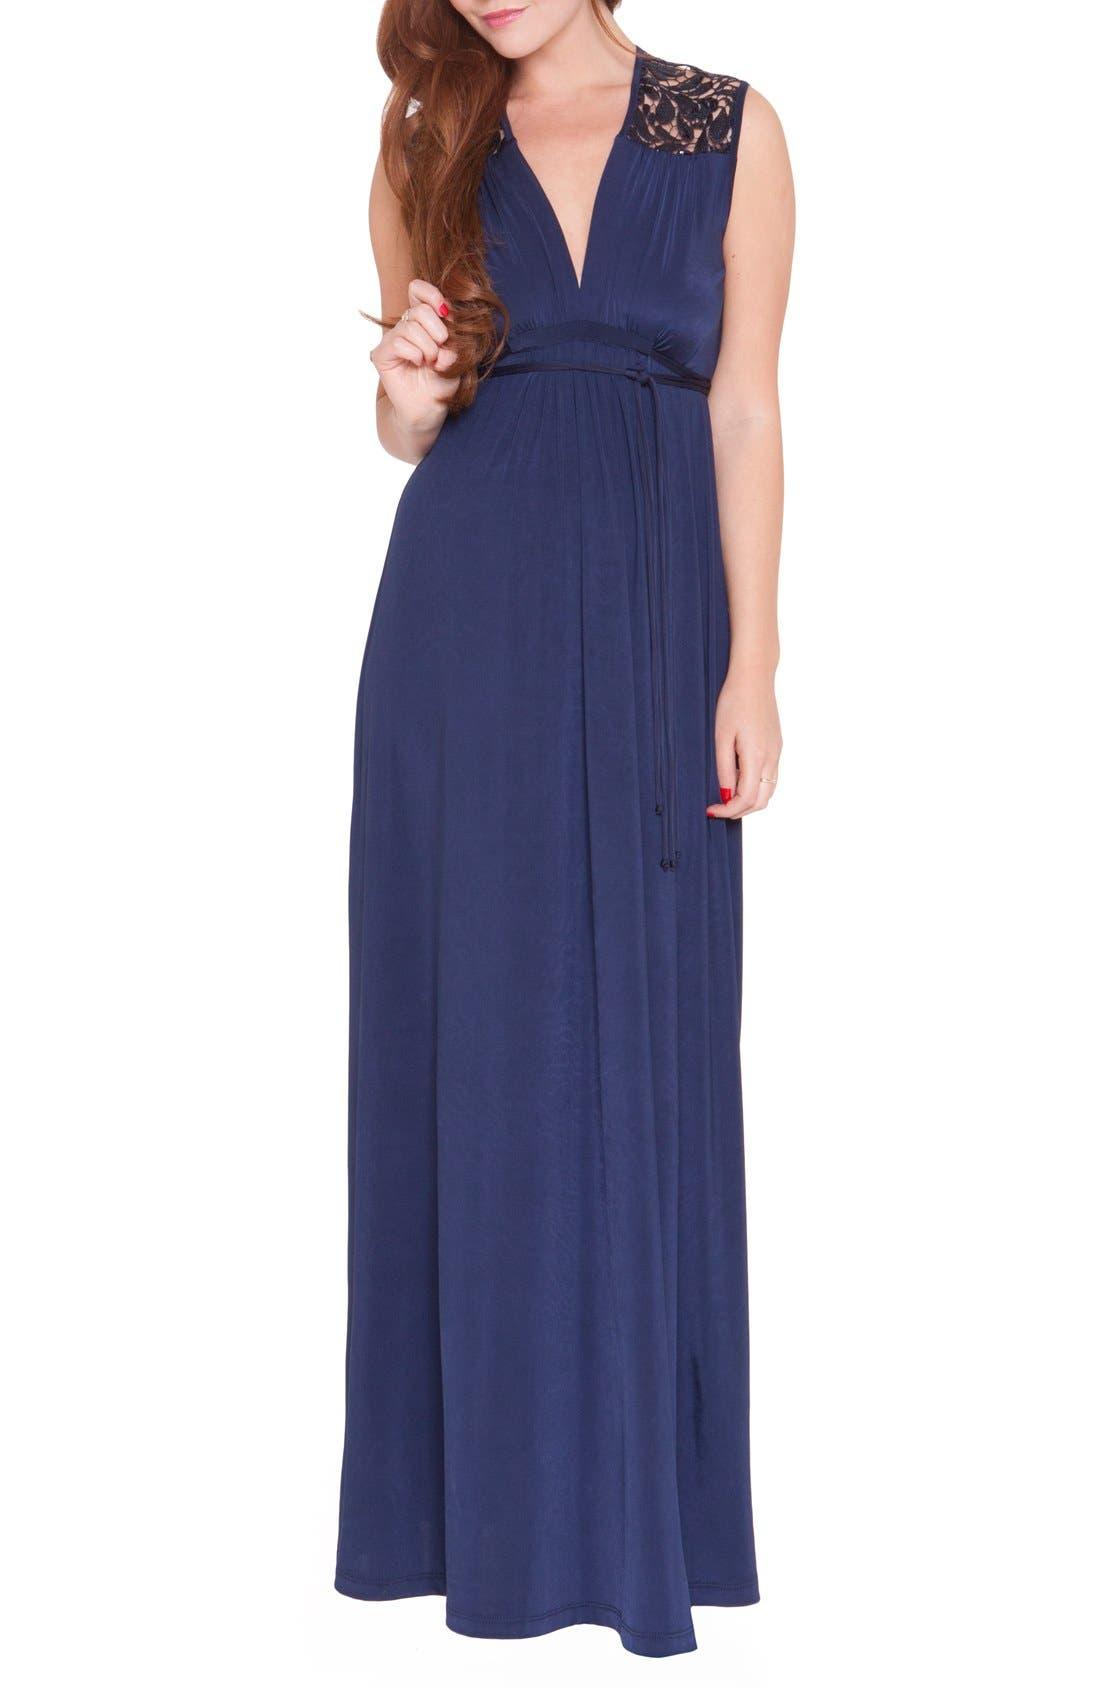 Olian 'Angelina' Maternity Maxi Dress